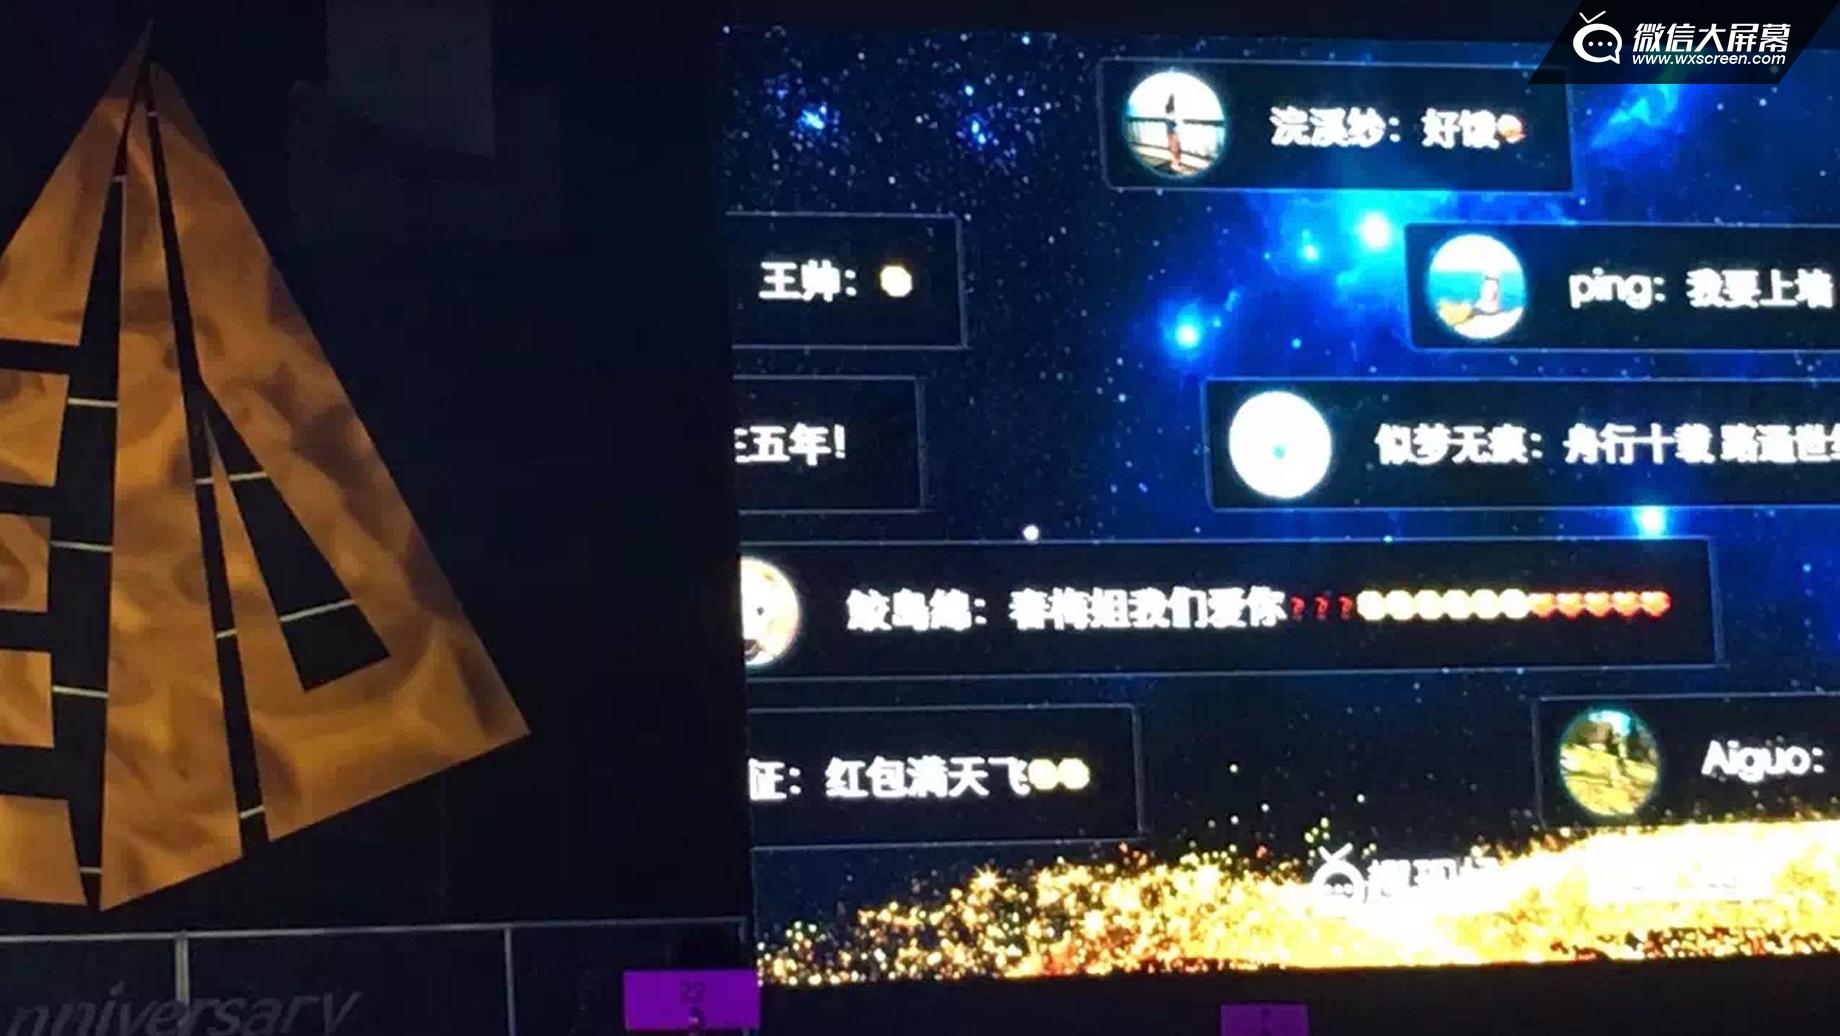 """趣现场微信大屏幕的摇红包与汤森路透年会的""""不解之缘"""""""